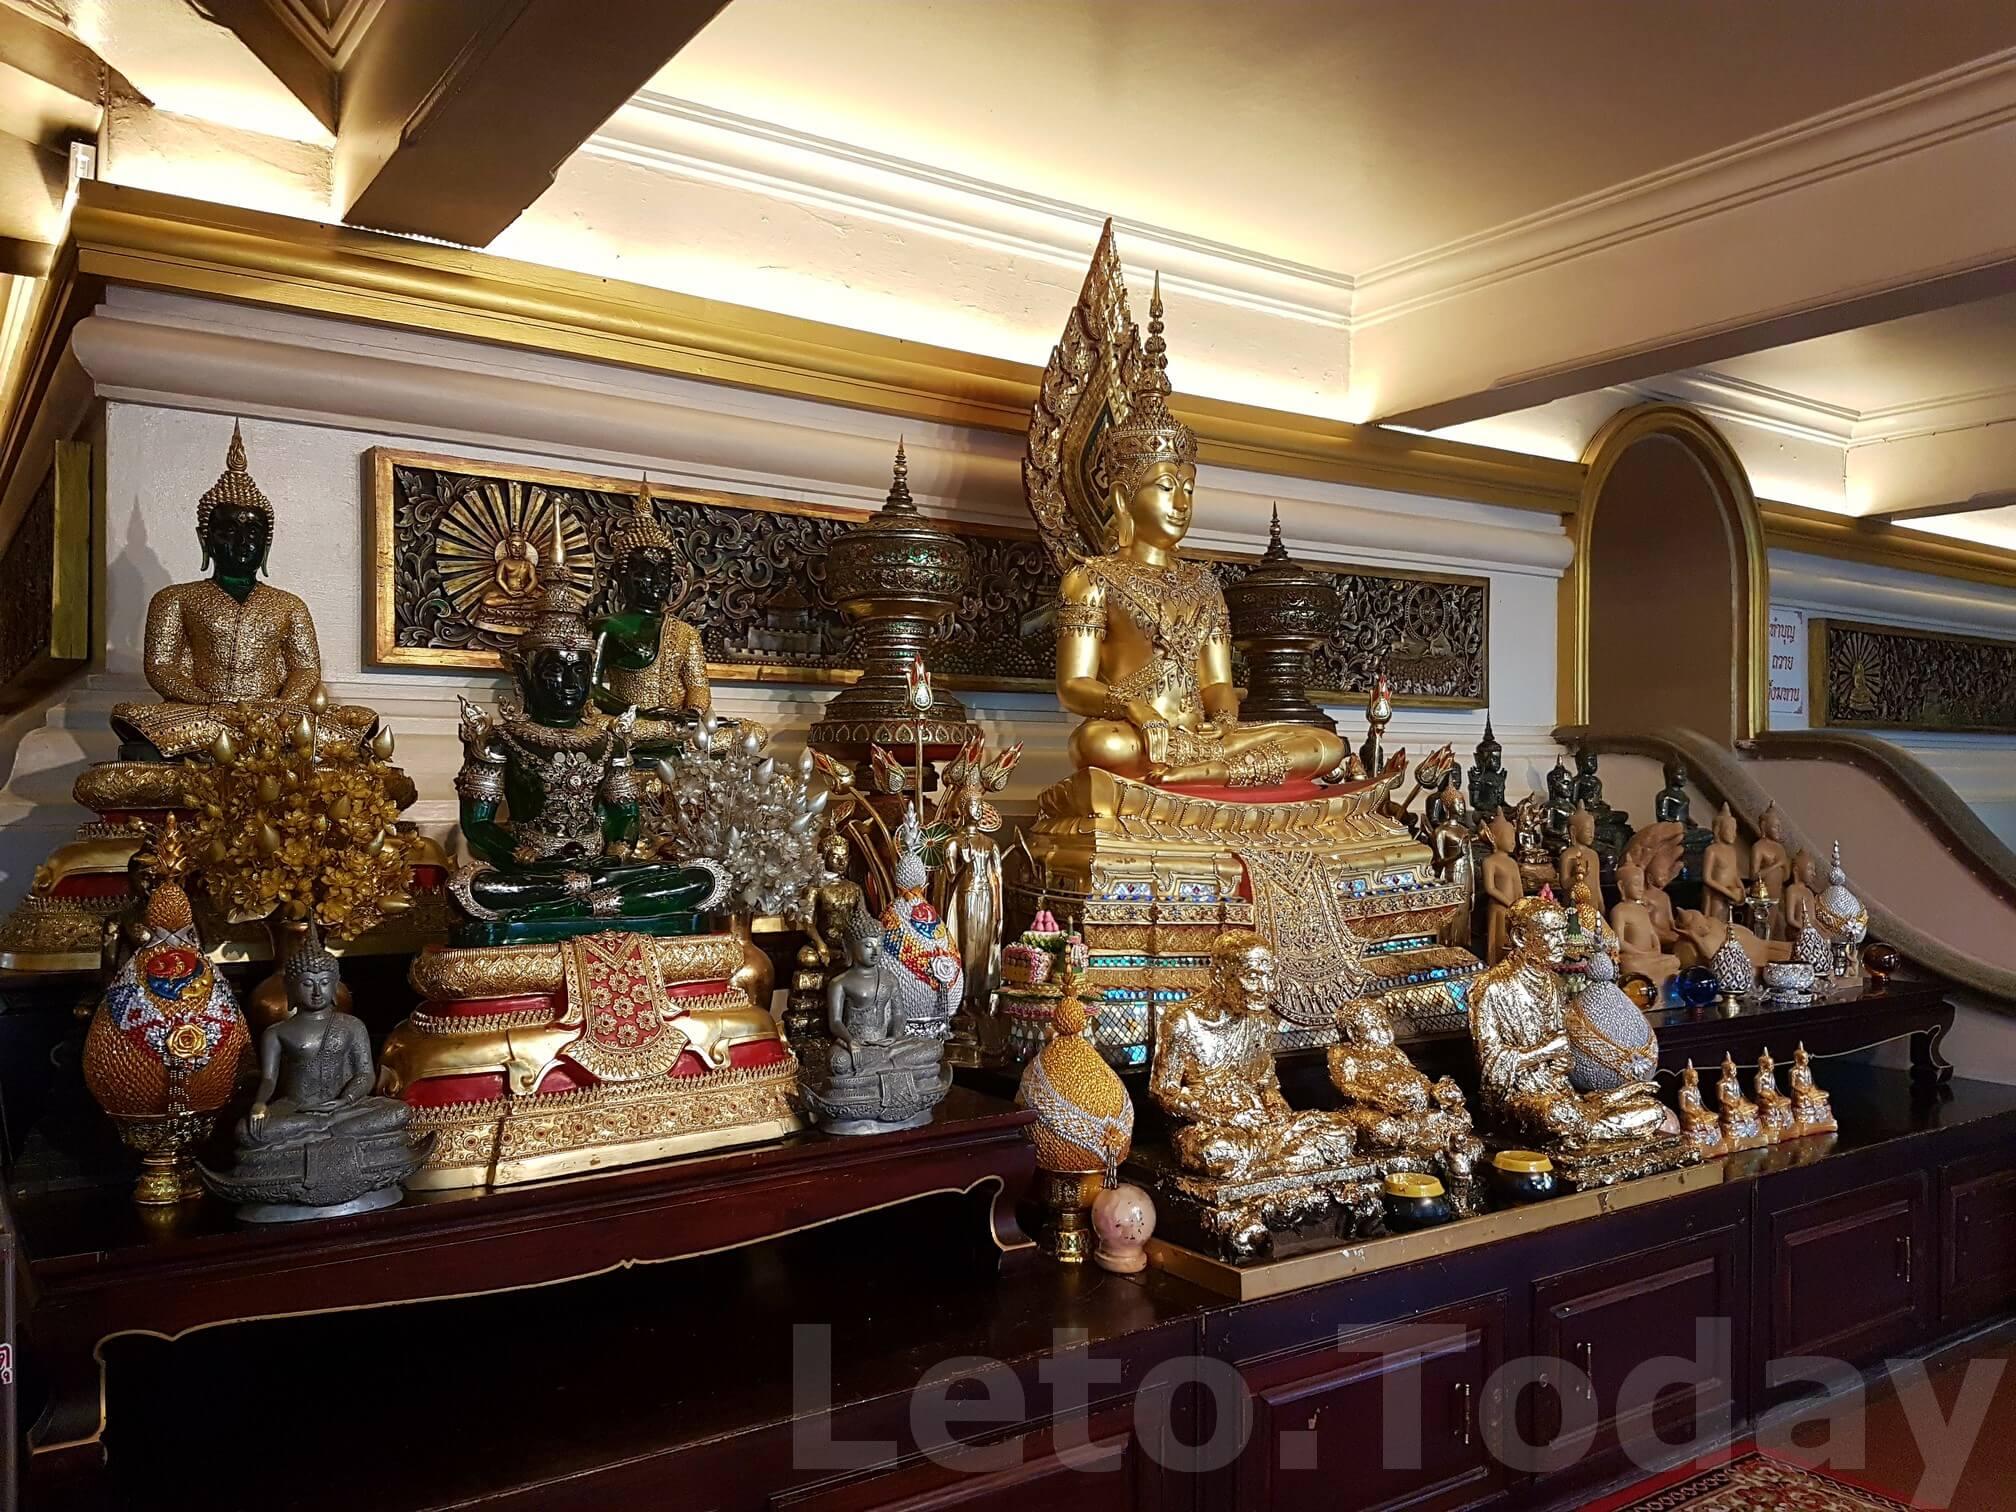 ват сакет leto.today (14) Обзорная площадка в Бангкоке - Ват Сакет